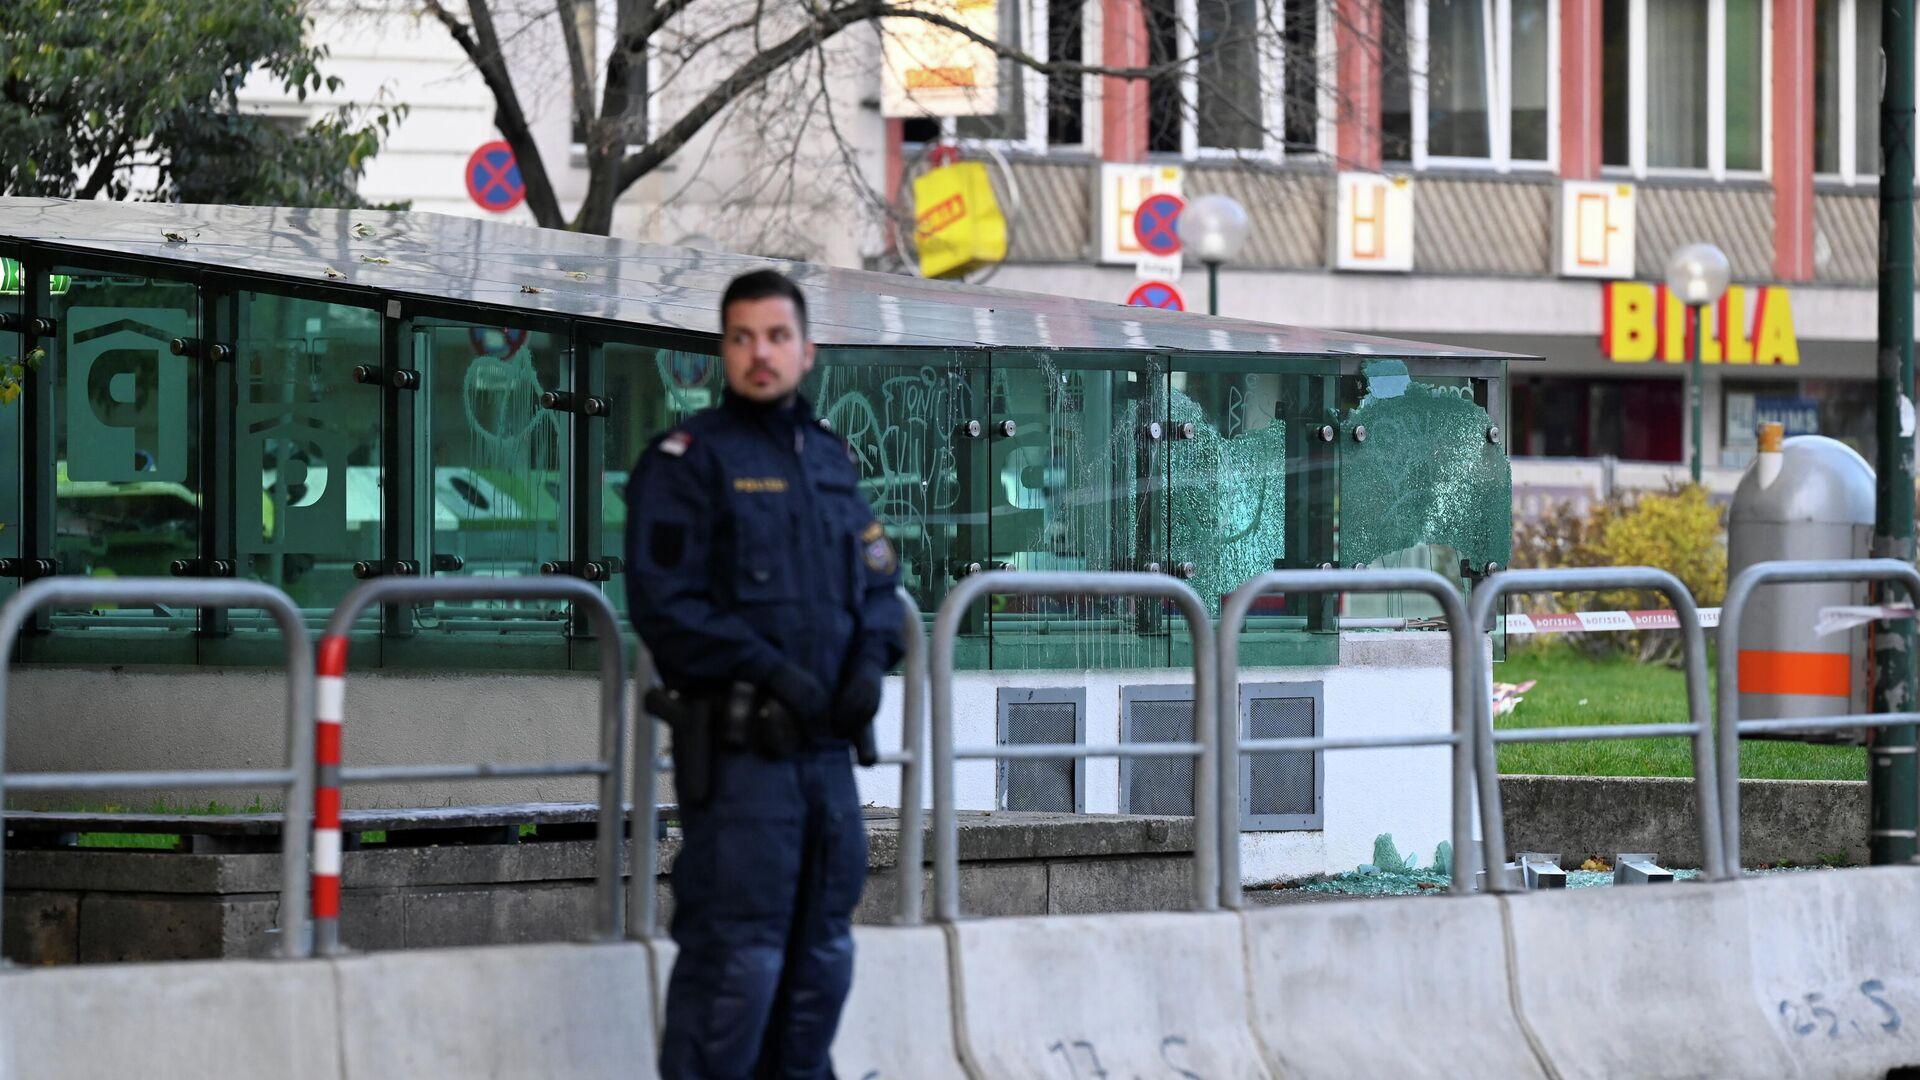 Полицейский после перестрелки в Вене, Австрия - РИА Новости, 1920, 03.11.2020